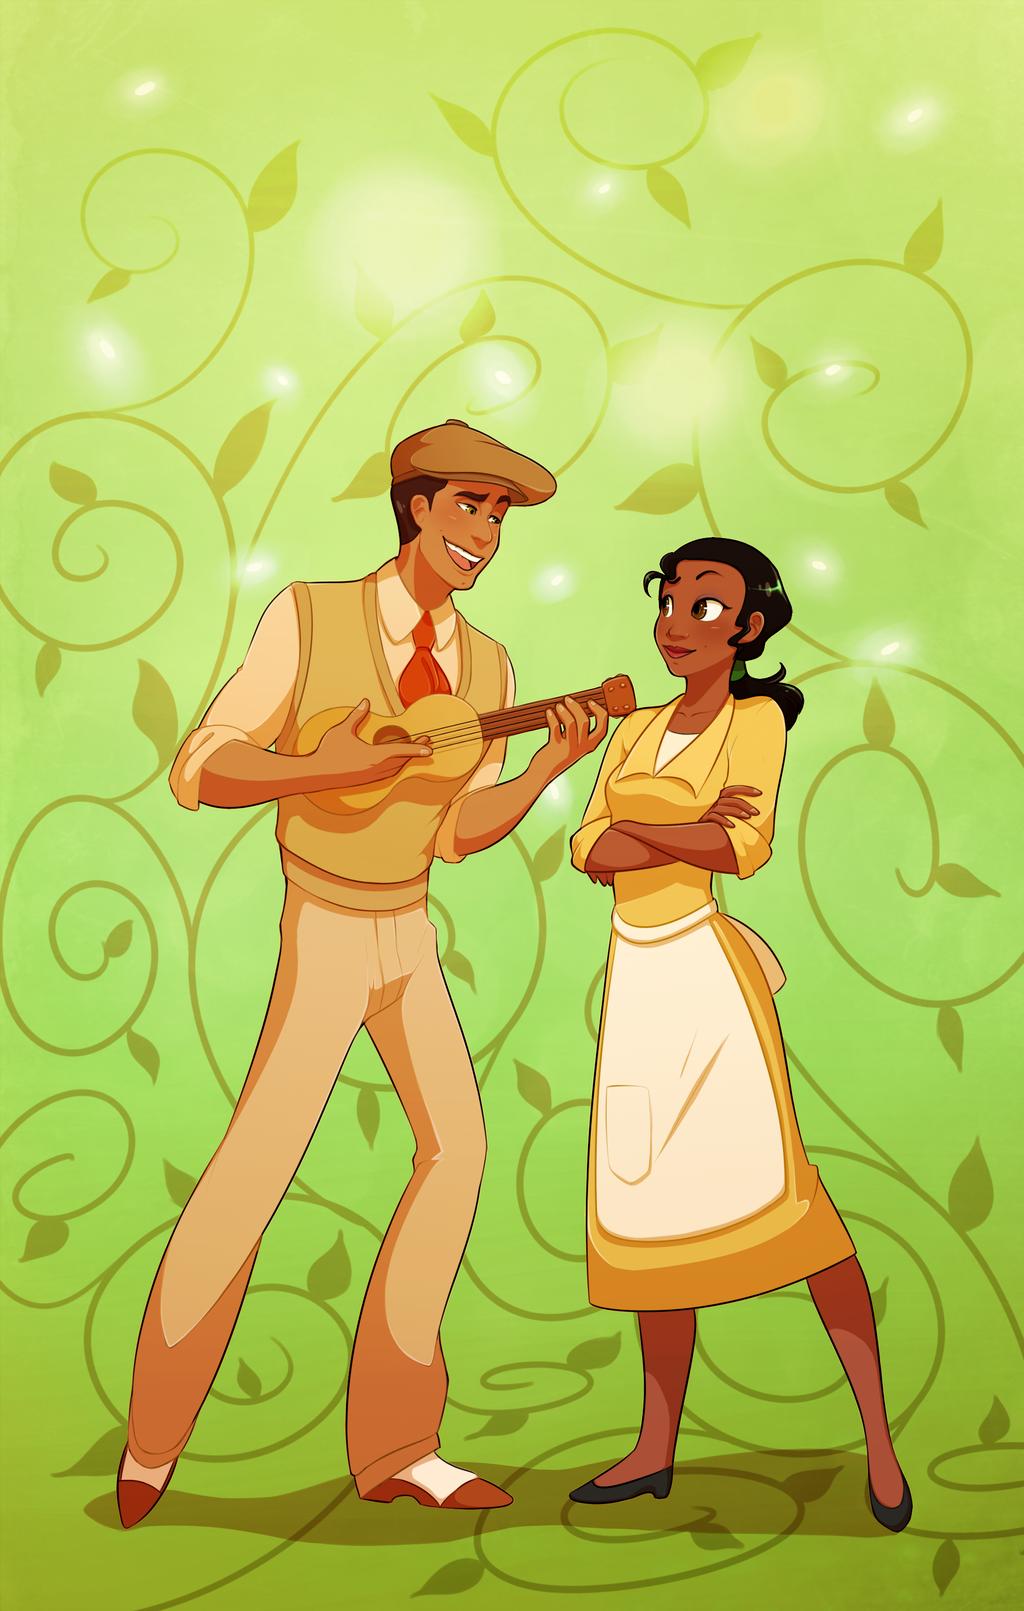 Tiana and Naveen by blackdragonkokoryu on DeviantArt